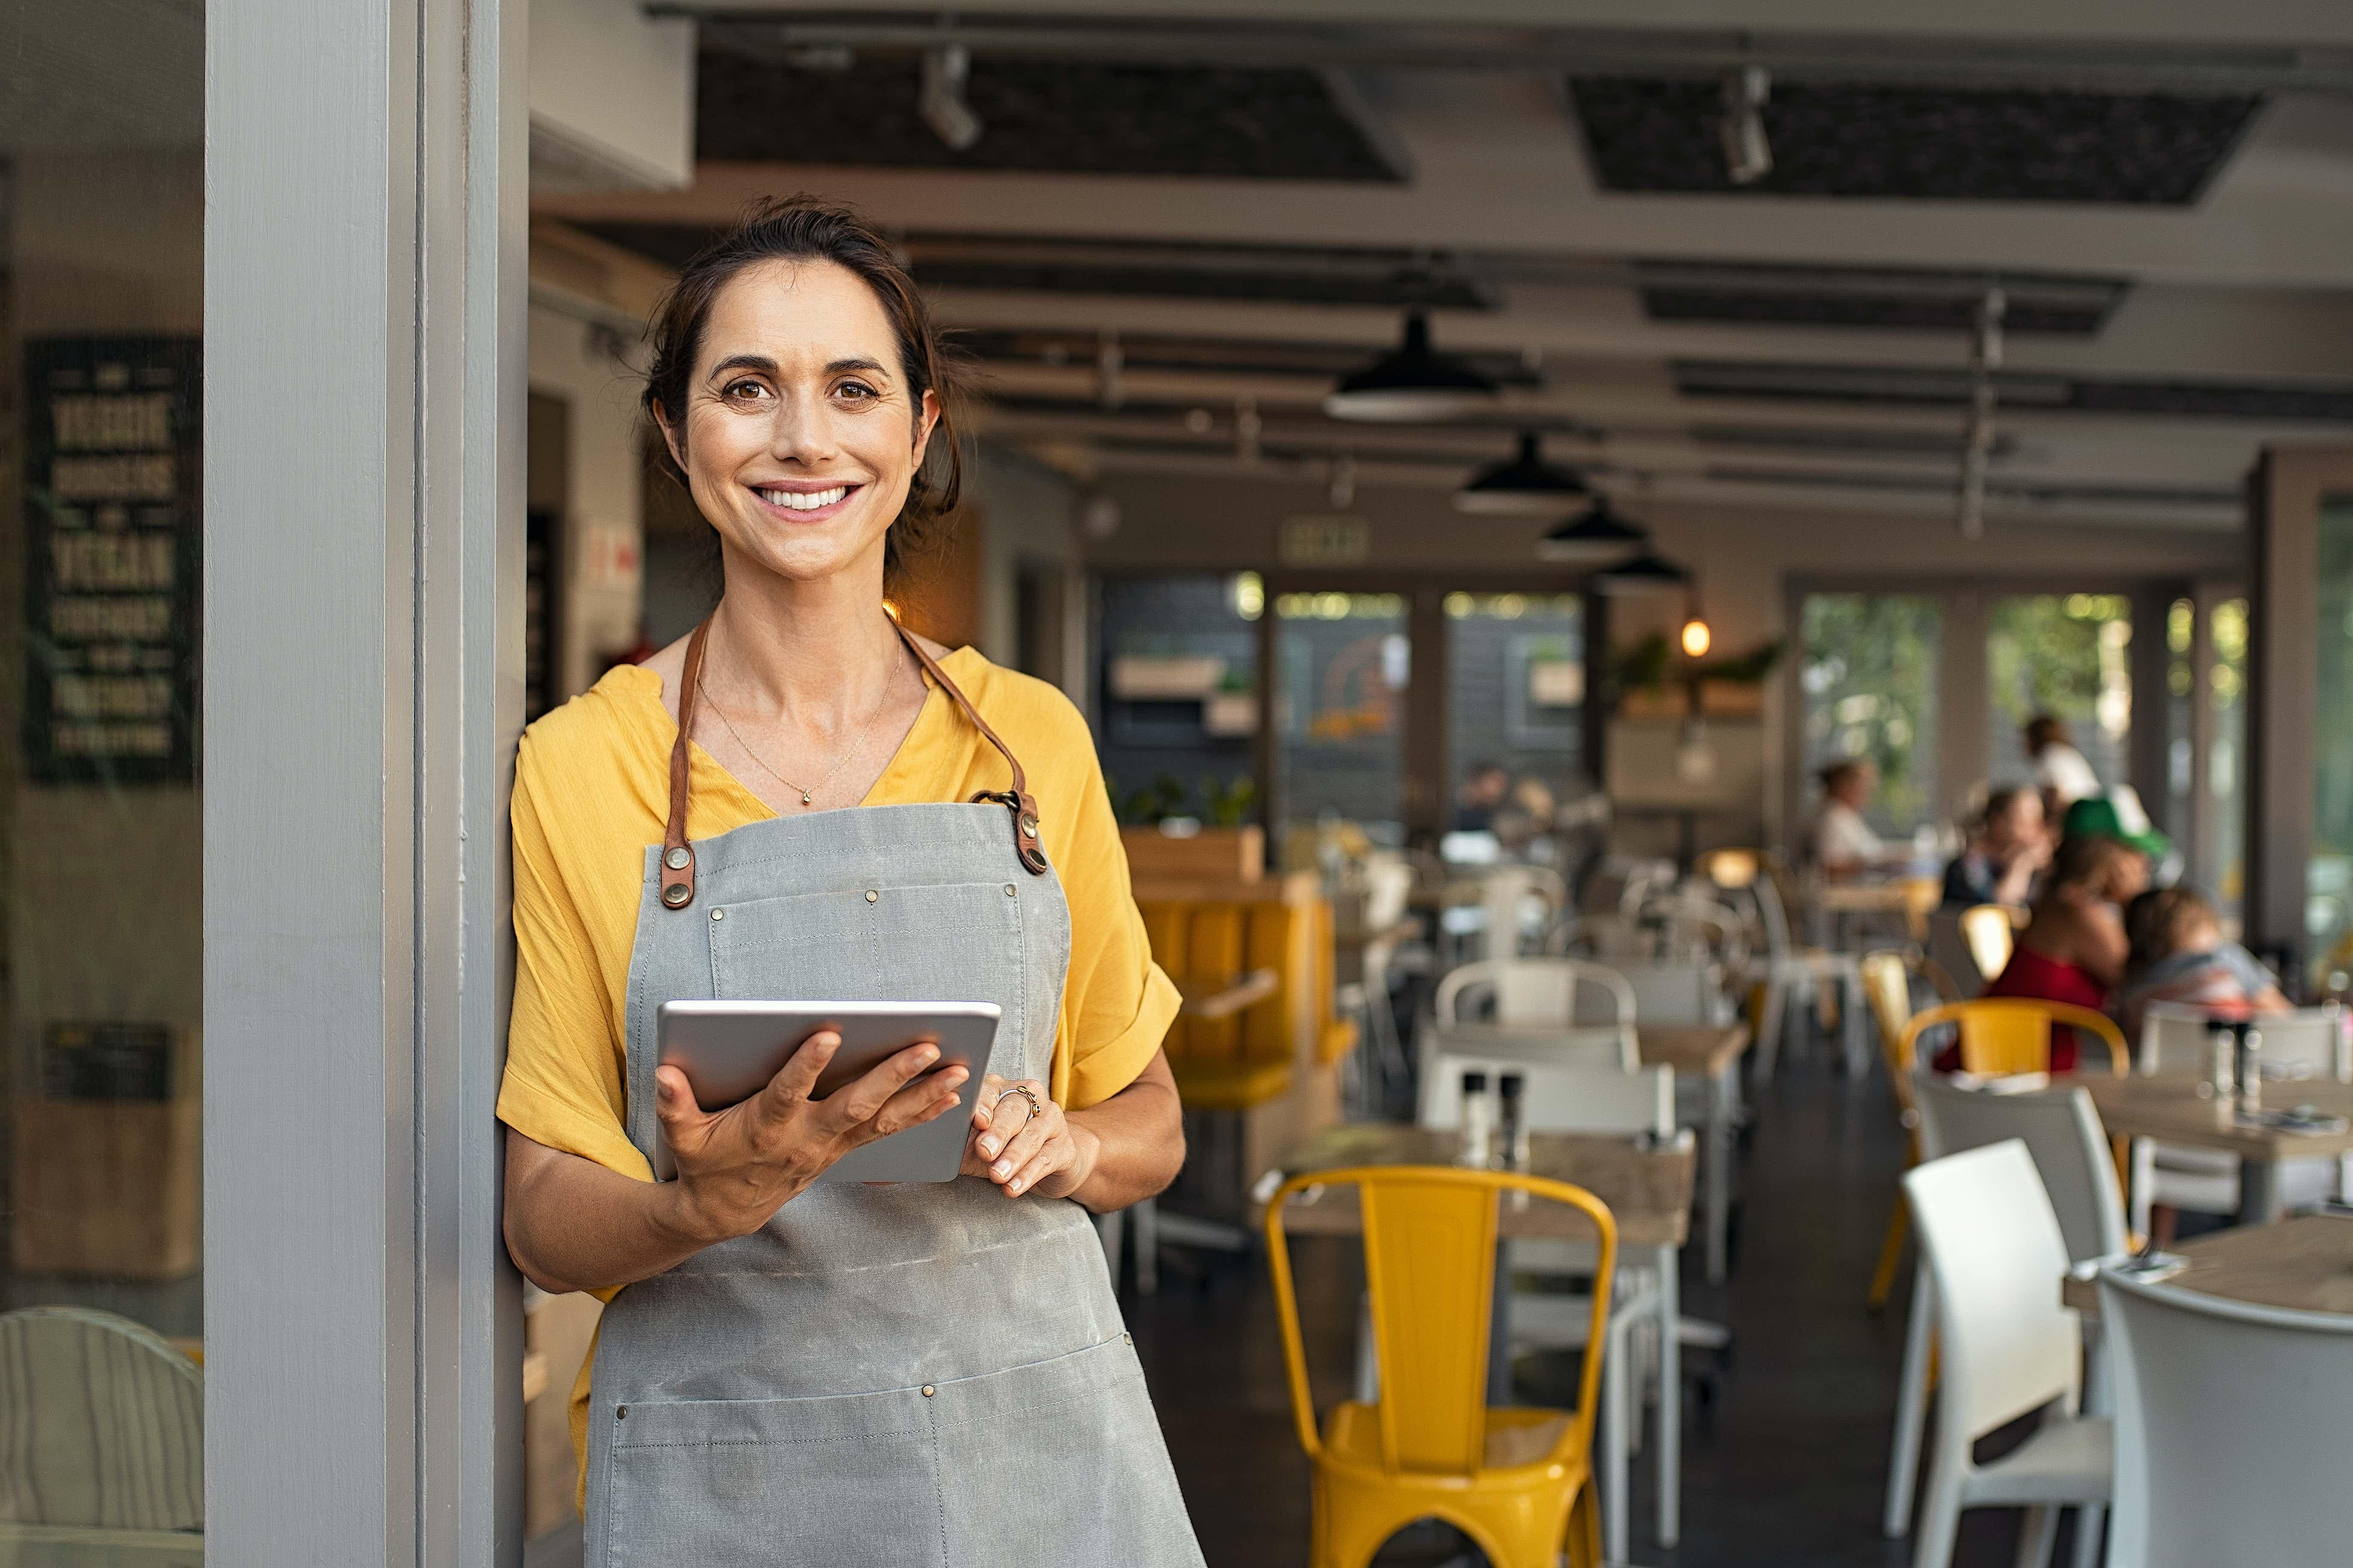 Gastronomie Kundenbedienung mit Tablet